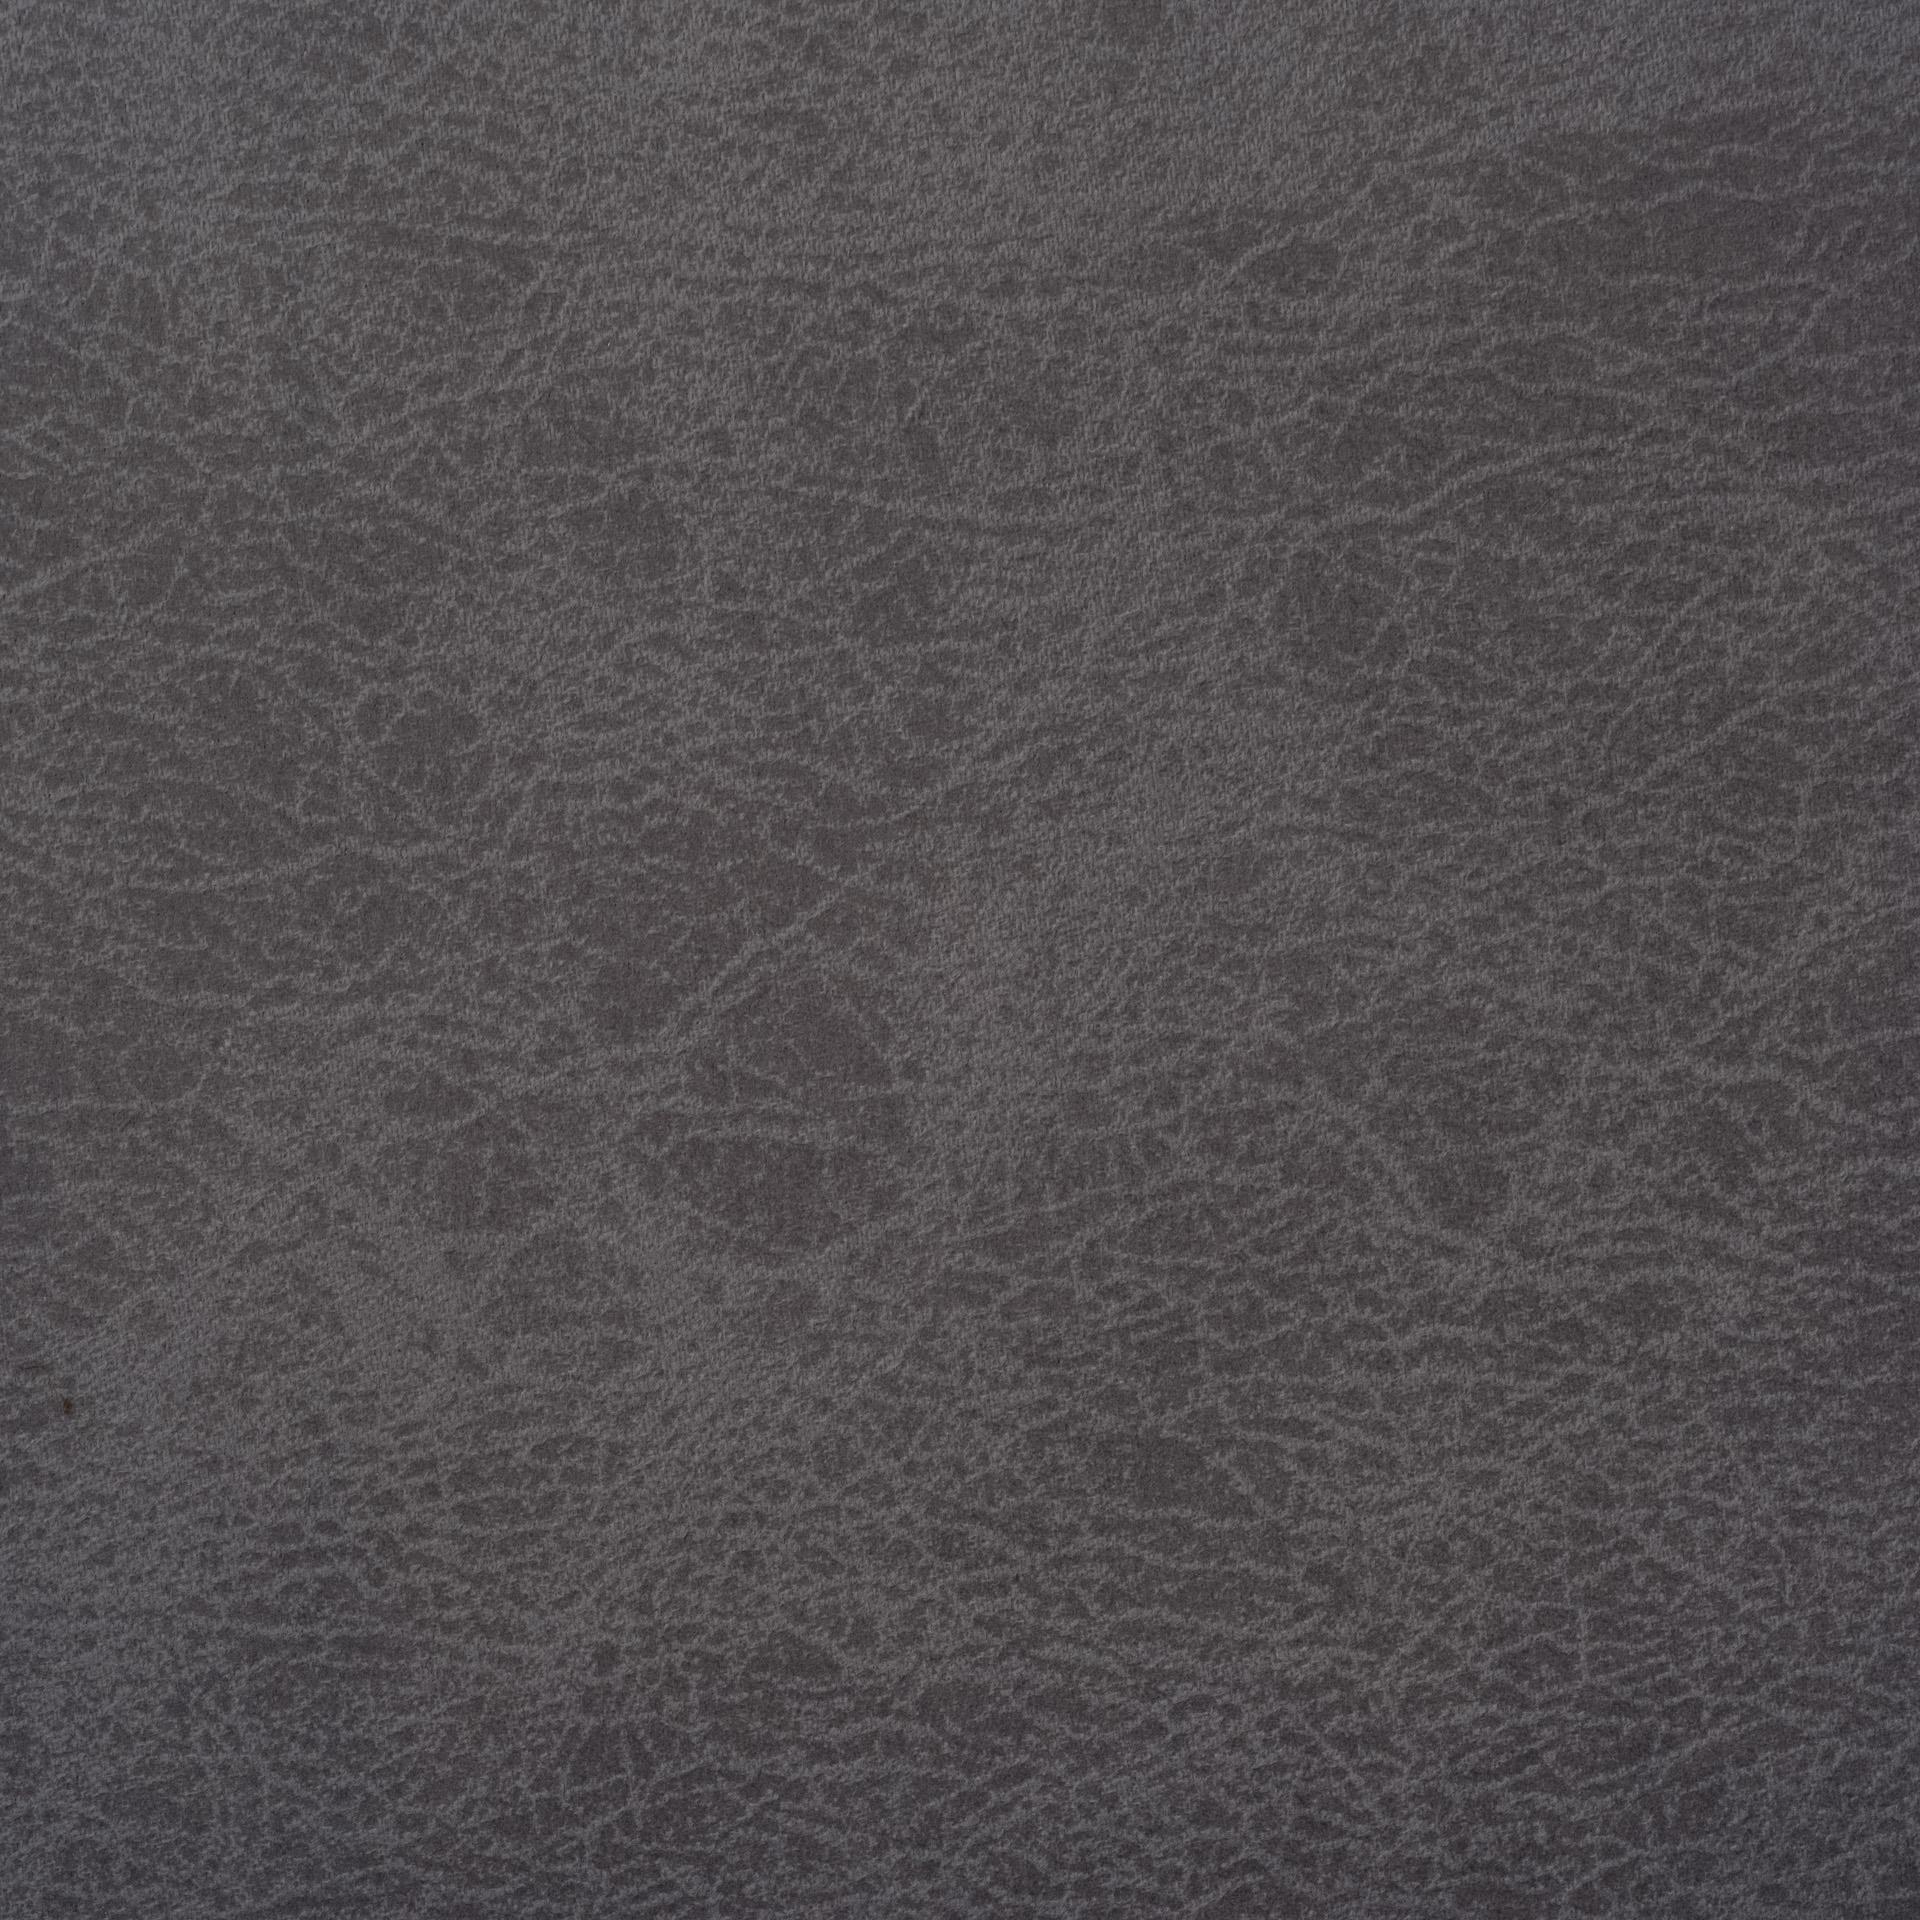 Коллекция ткани Лора 32,  купить ткань Велюр для мебели Украина